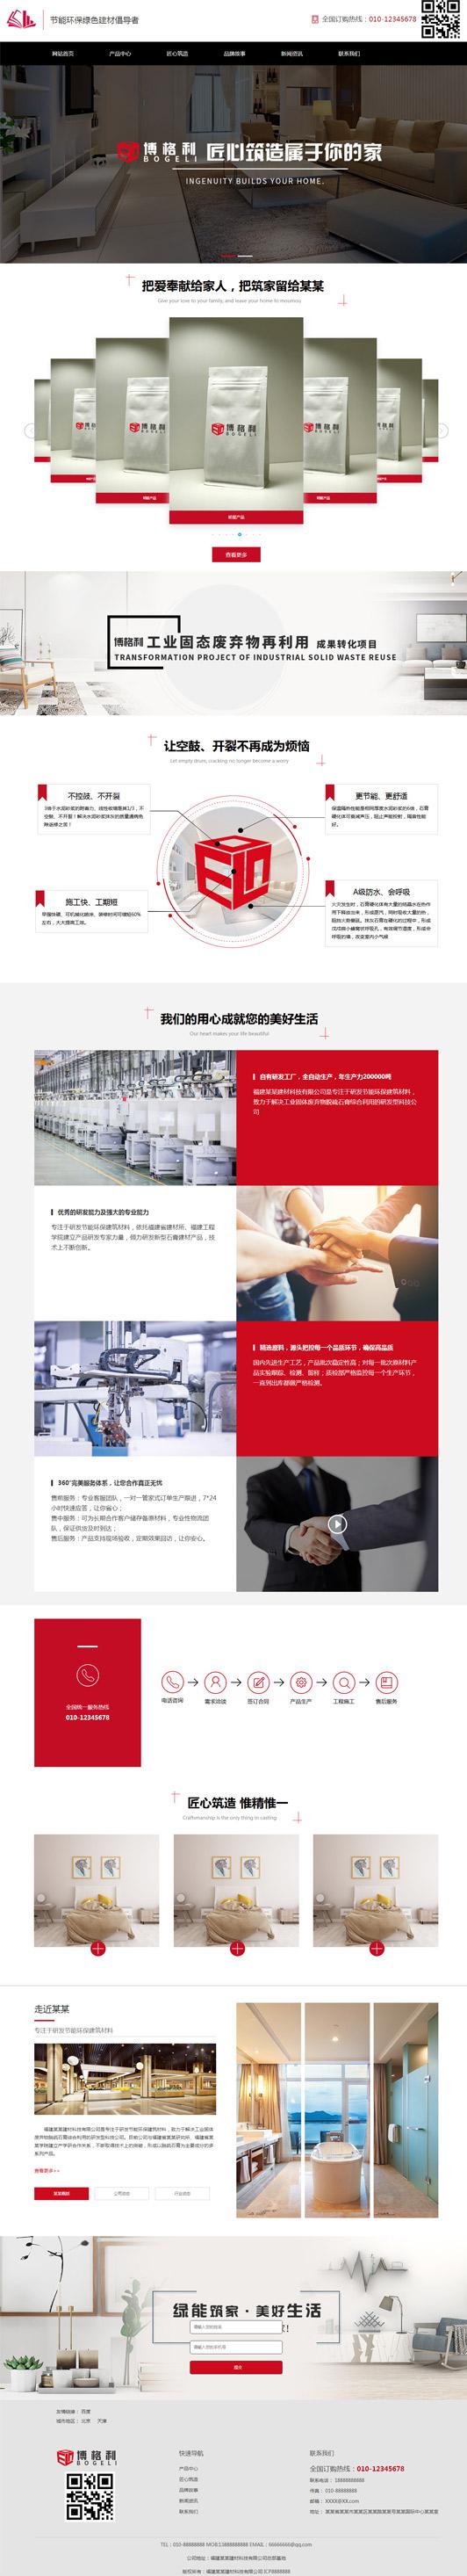 建材科技公司网站响应式模板